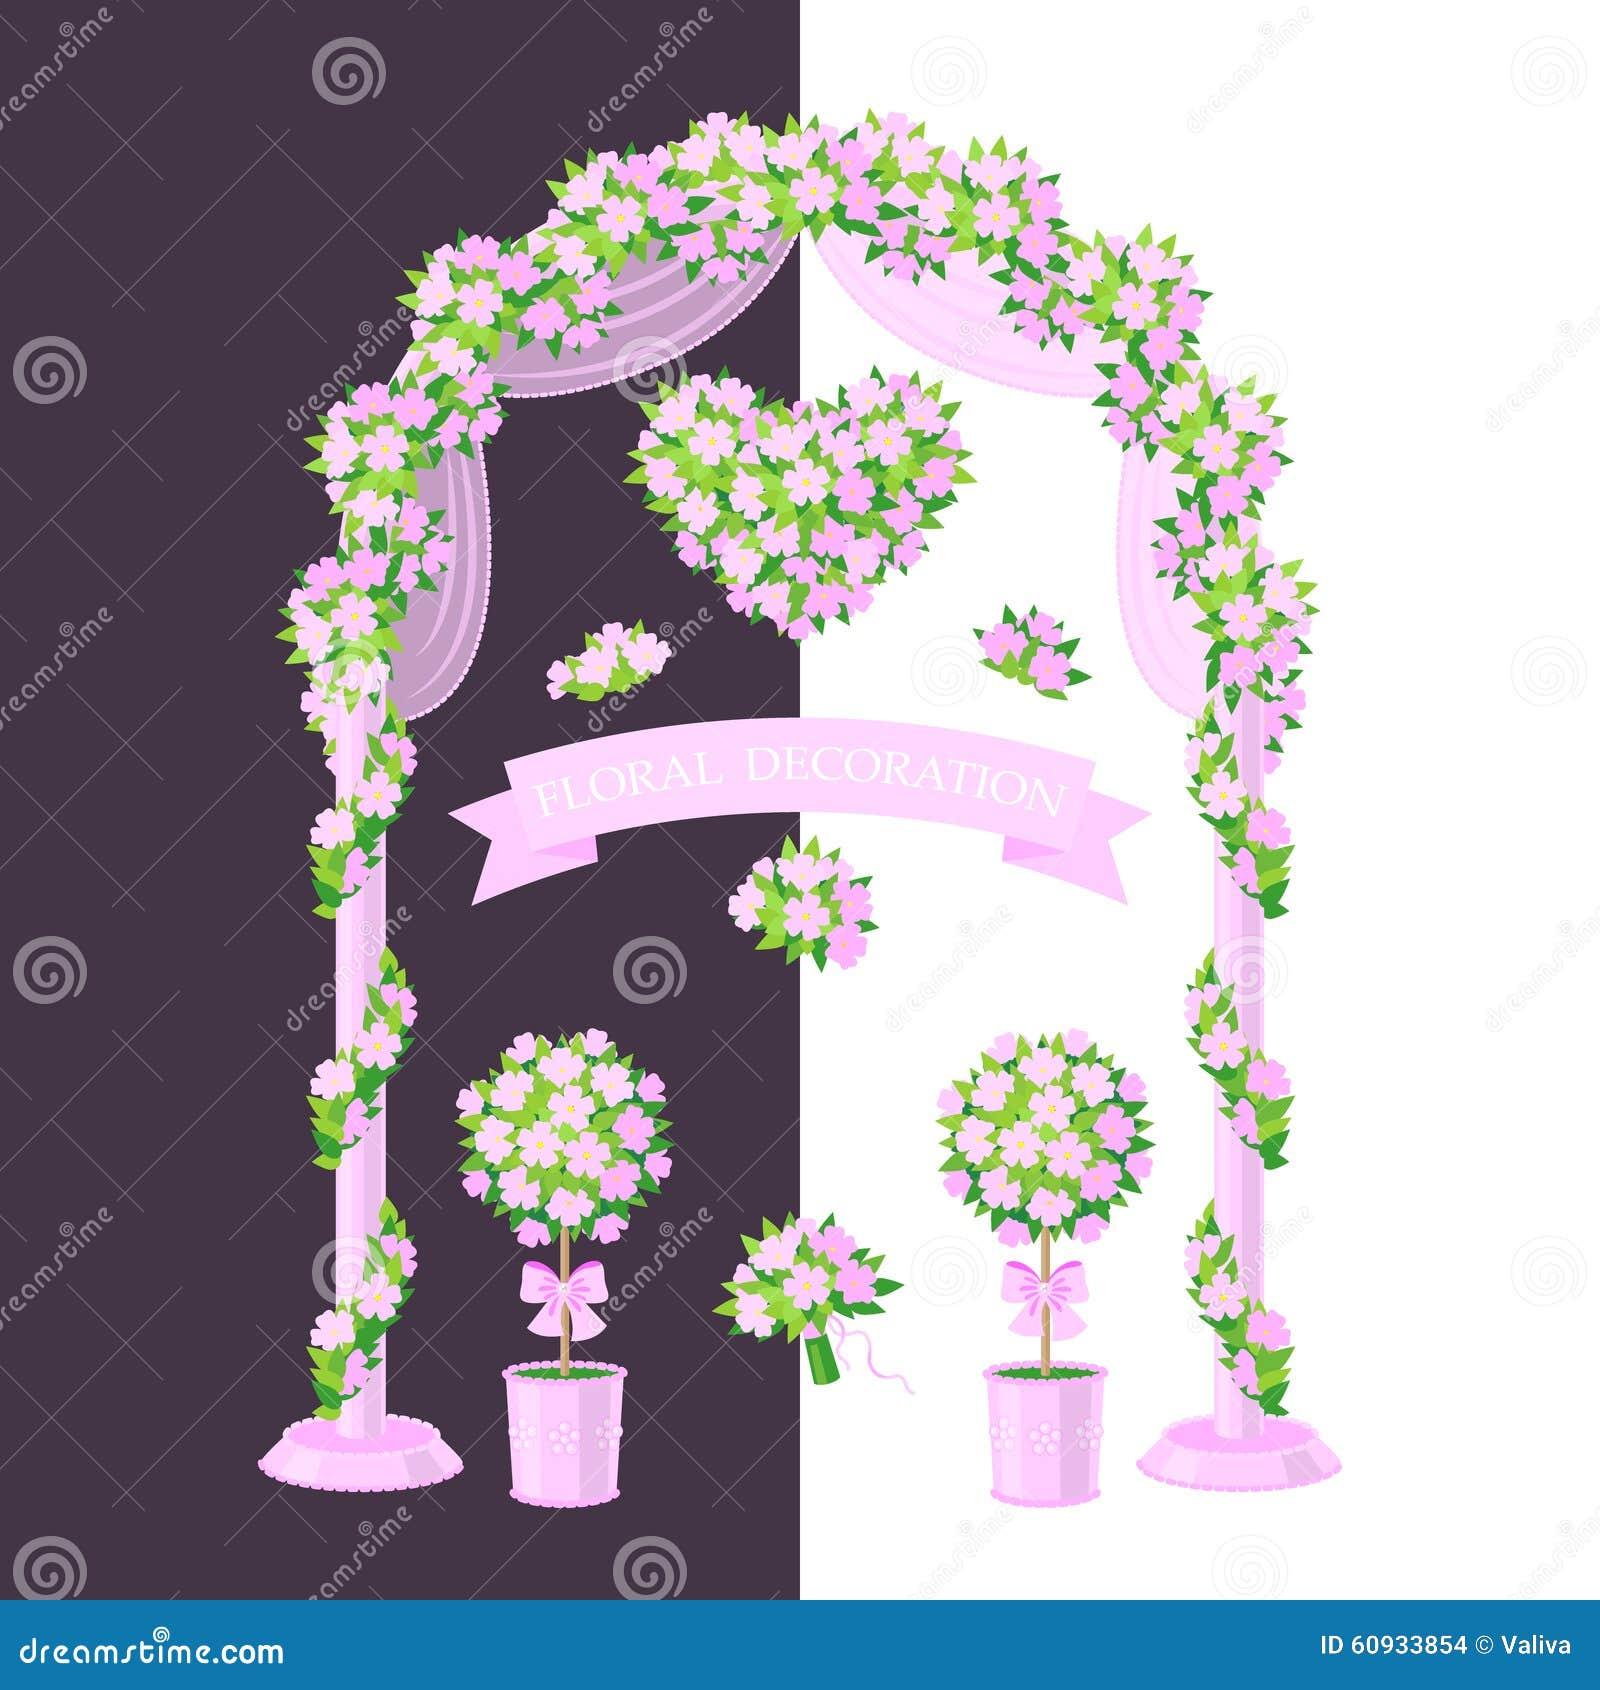 Decorazione floreale dentellare illustrazione vettoriale for Decorazione floreale